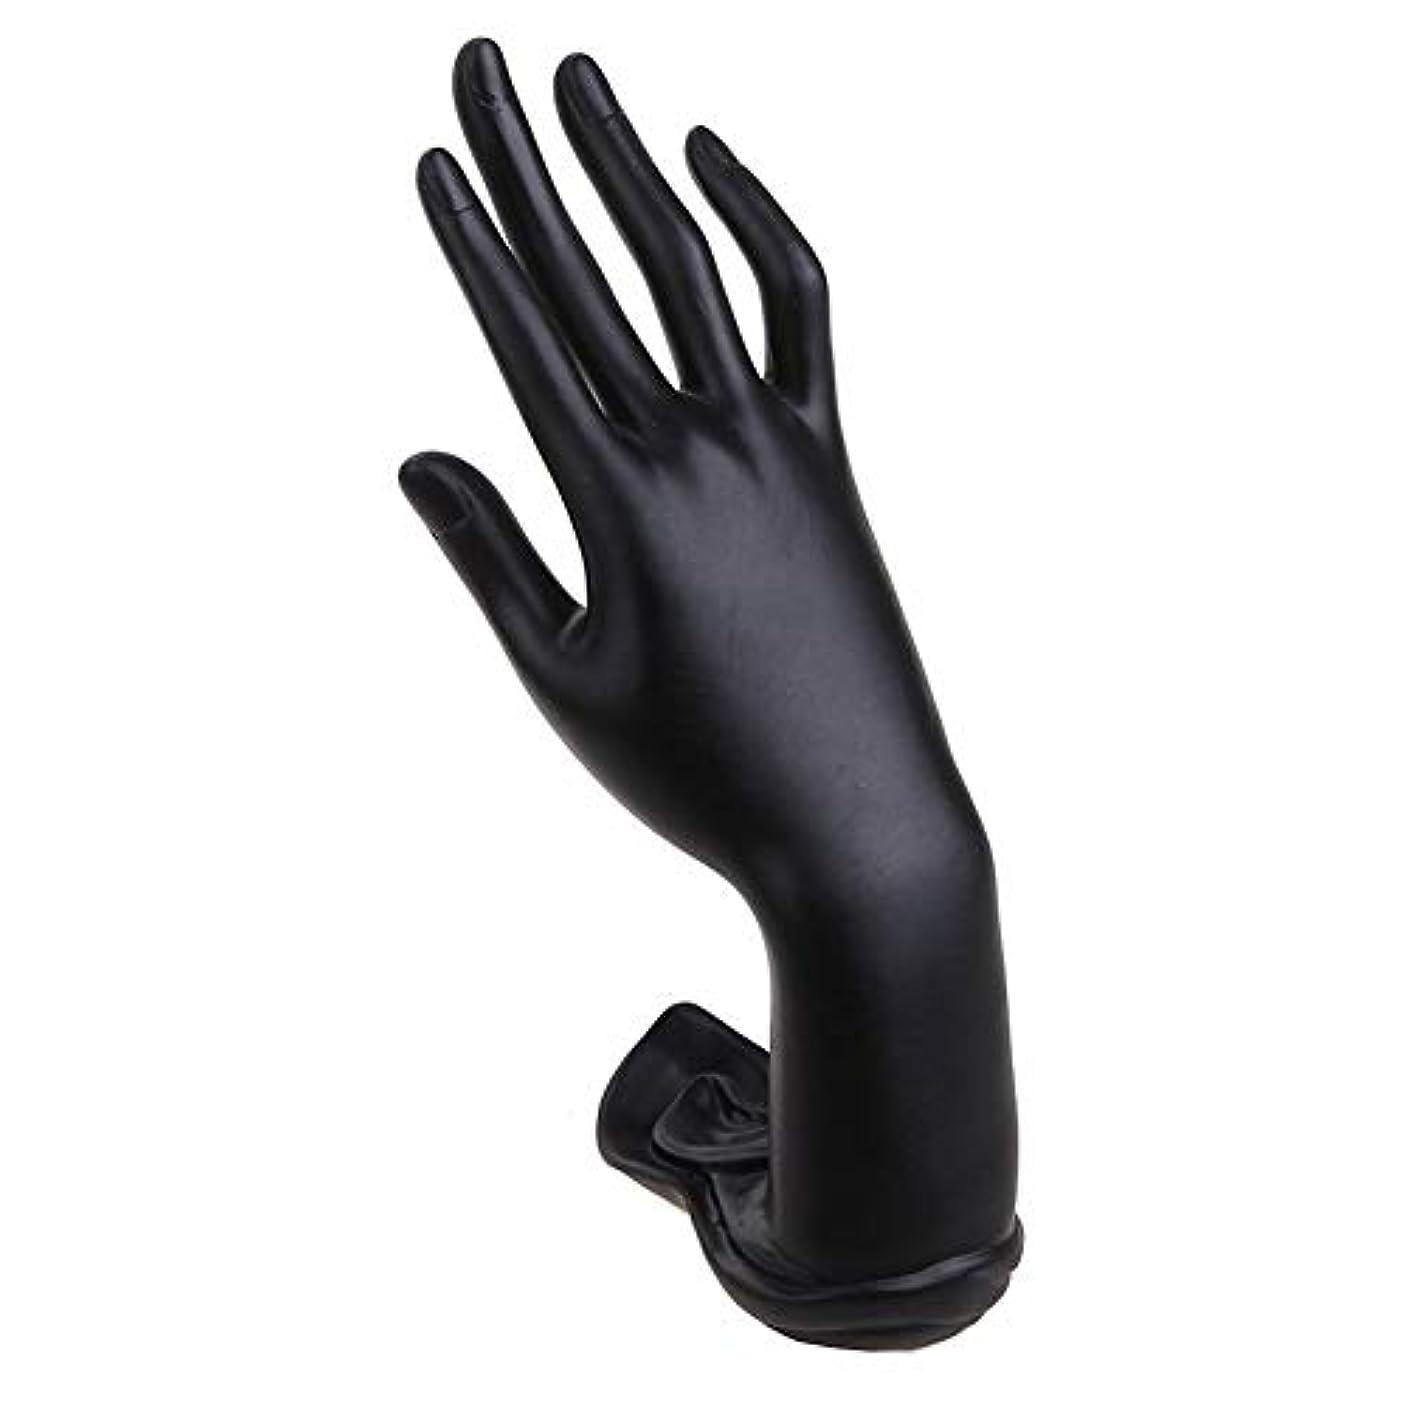 時限られた別のジュエリー ディスプレイ ホルダー ハンドシェイプ ネックレススタンド 手指 ブレスレット リング スタンド 指輪置き 展示 装飾 指輪用 (Color : ブラック)